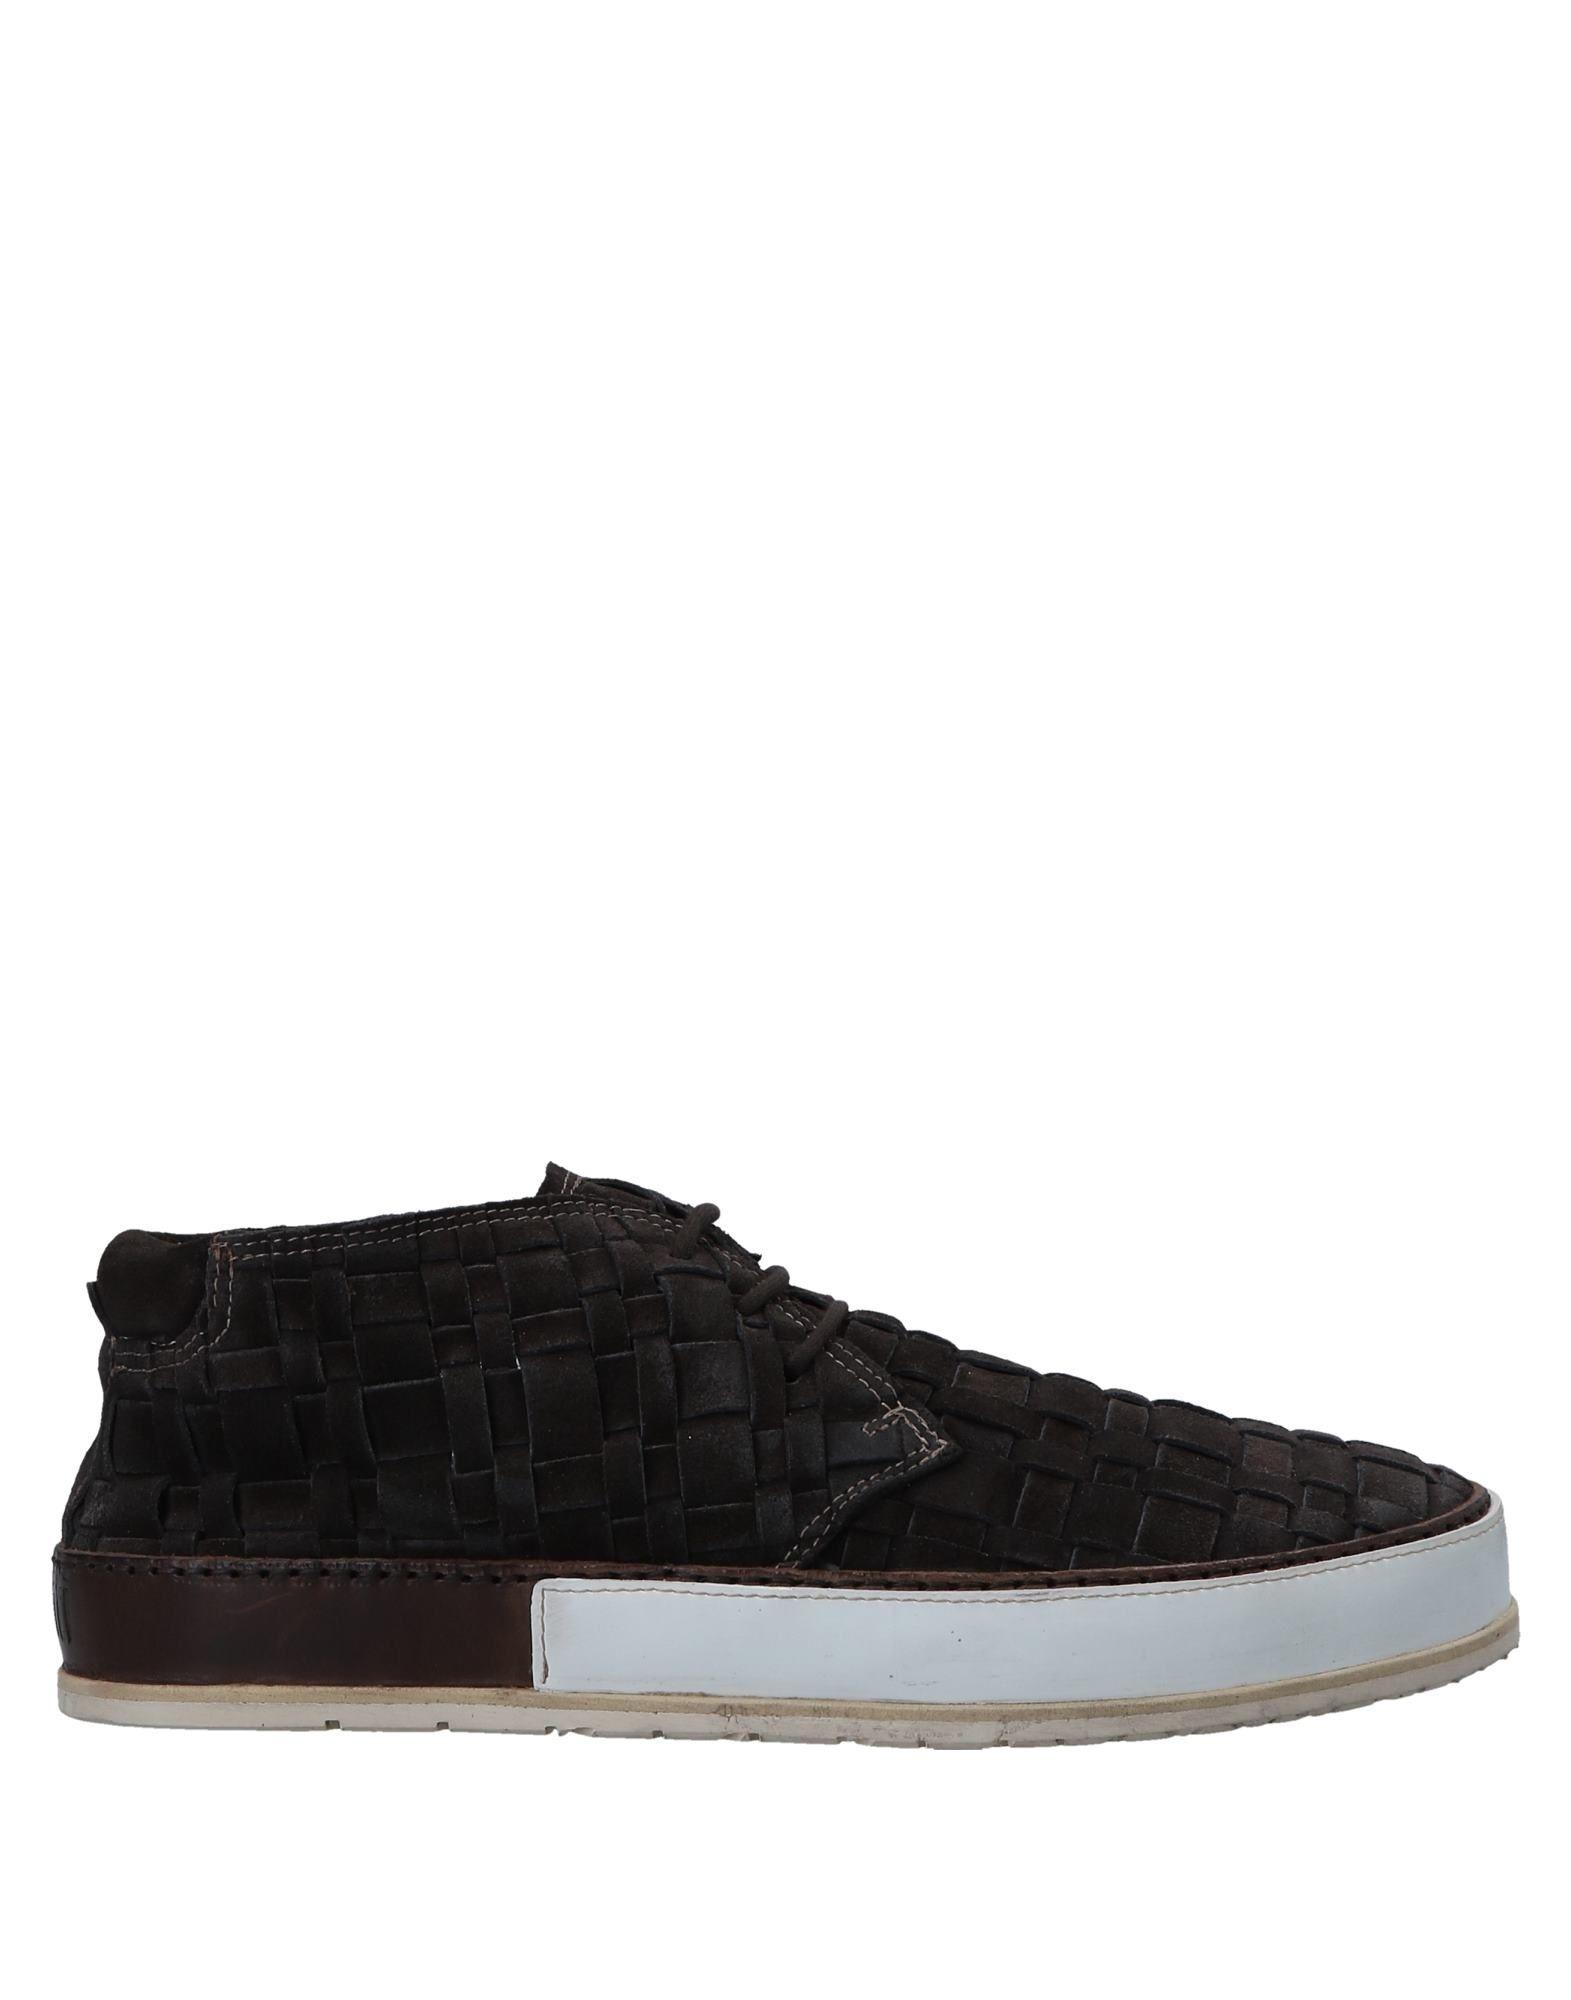 Preventi Stiefelette Herren  11546641CM Gute Qualität beliebte Schuhe